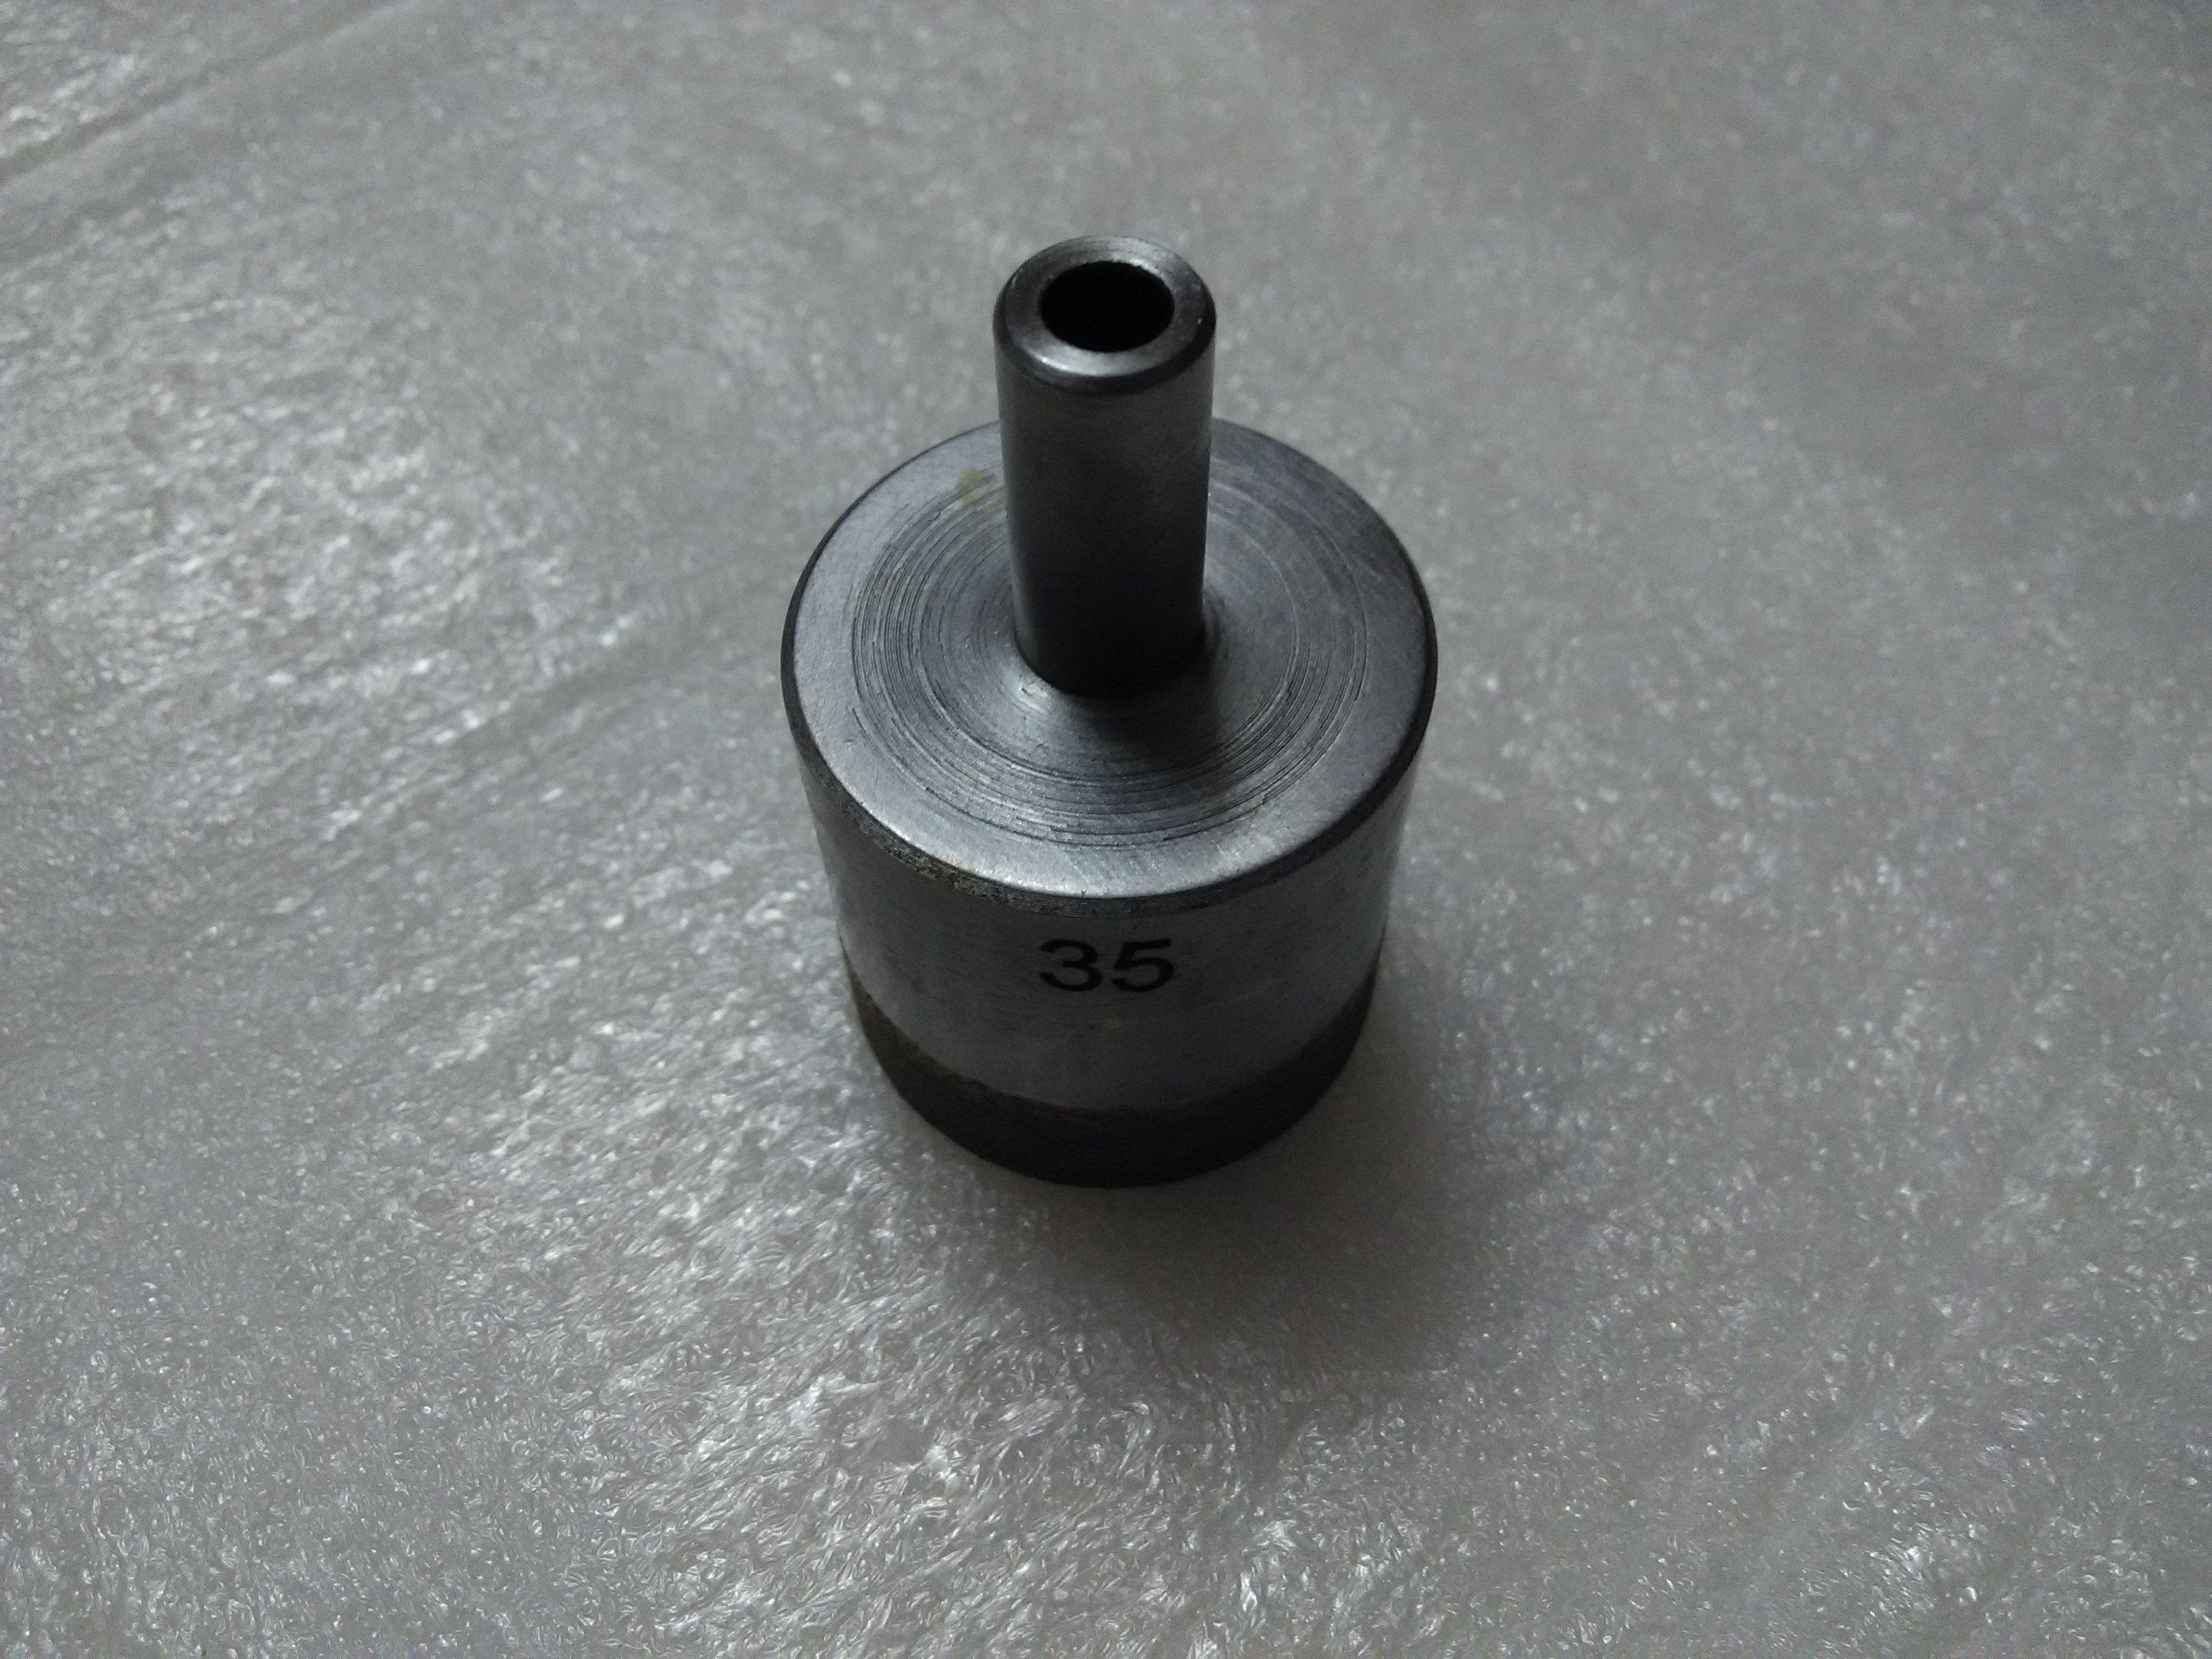 Broca do núcleo do diamante broca de vidro broca sinterizado pouco para a haste reta de vidro navio livre 35mm-50mm